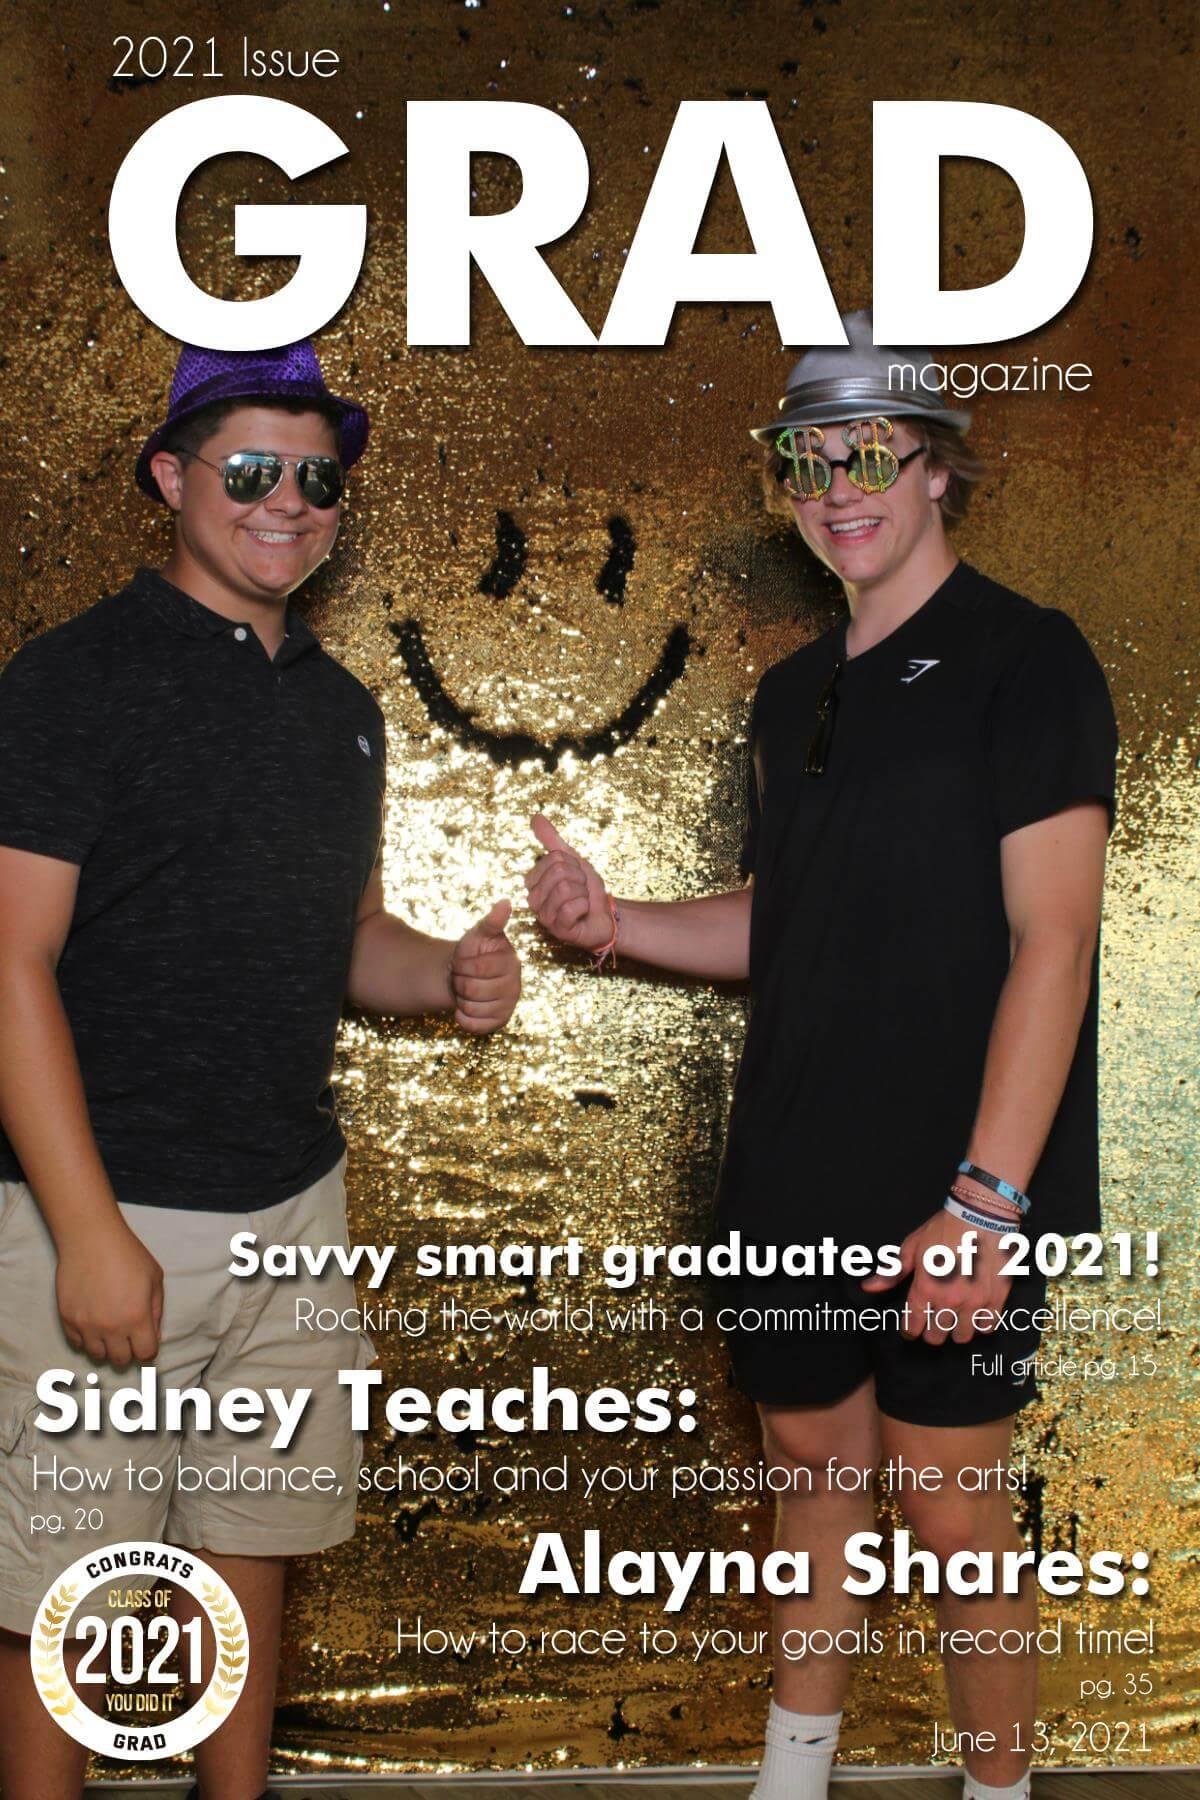 Grad Magazine Cover